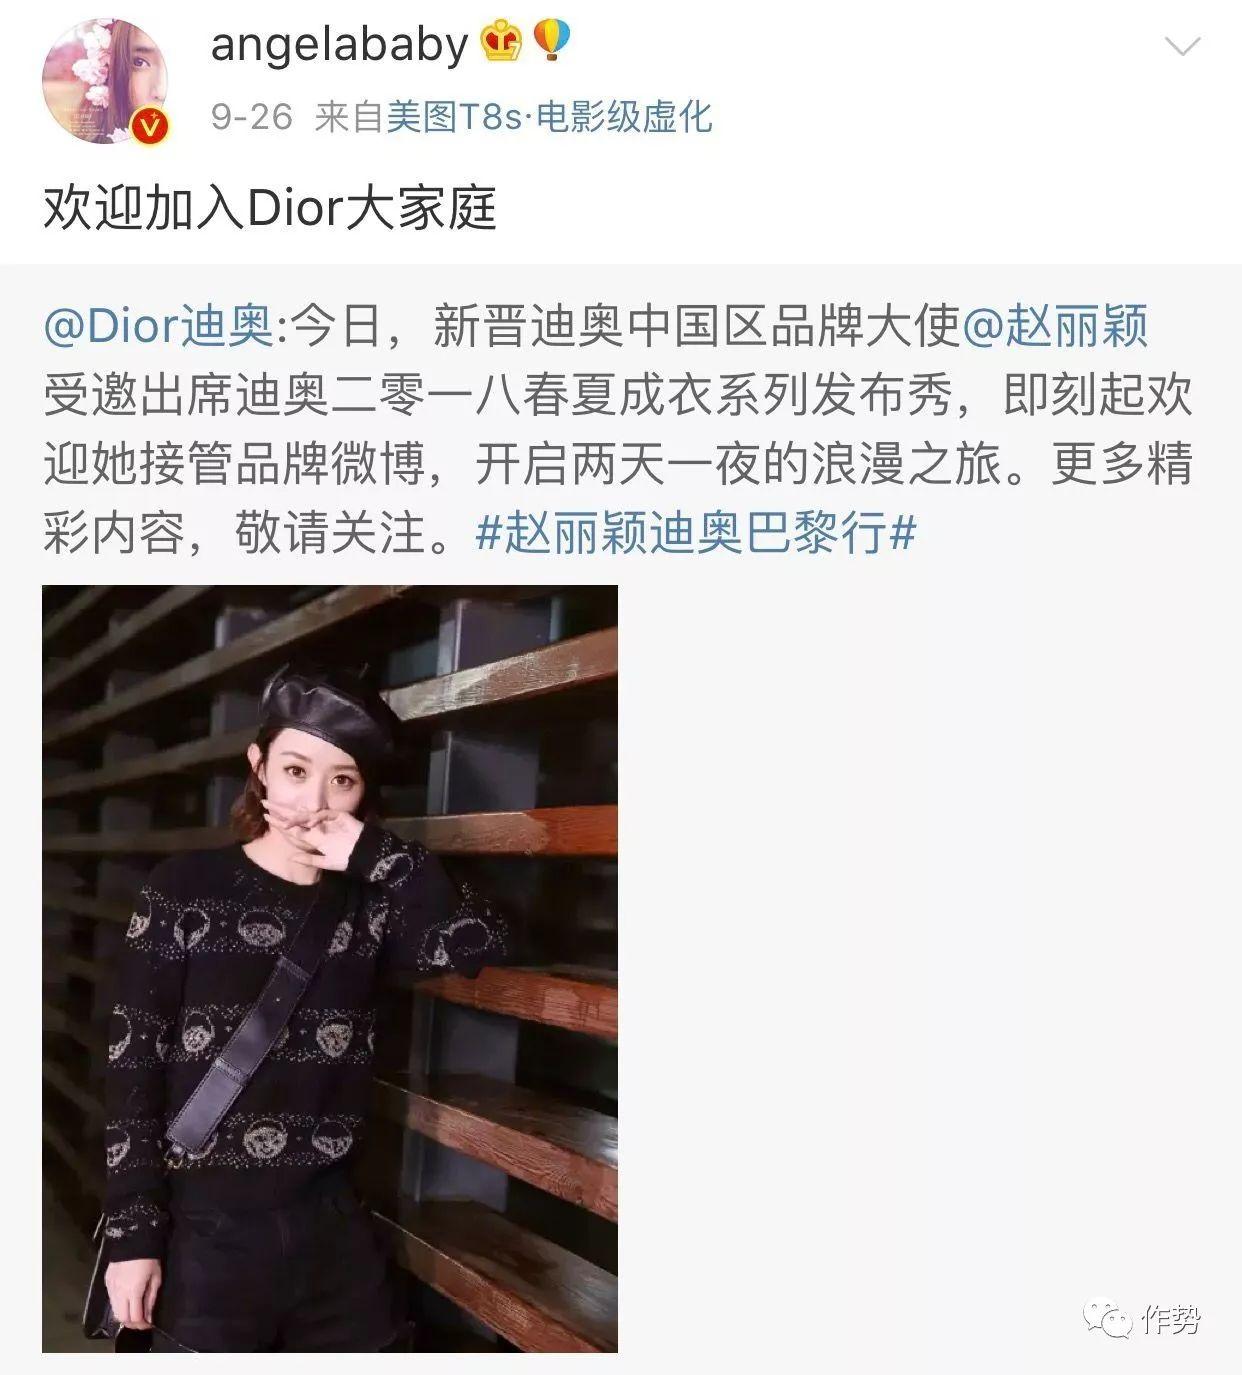 作势:赵丽颖不是不励志,只是时尚圈本就刻薄